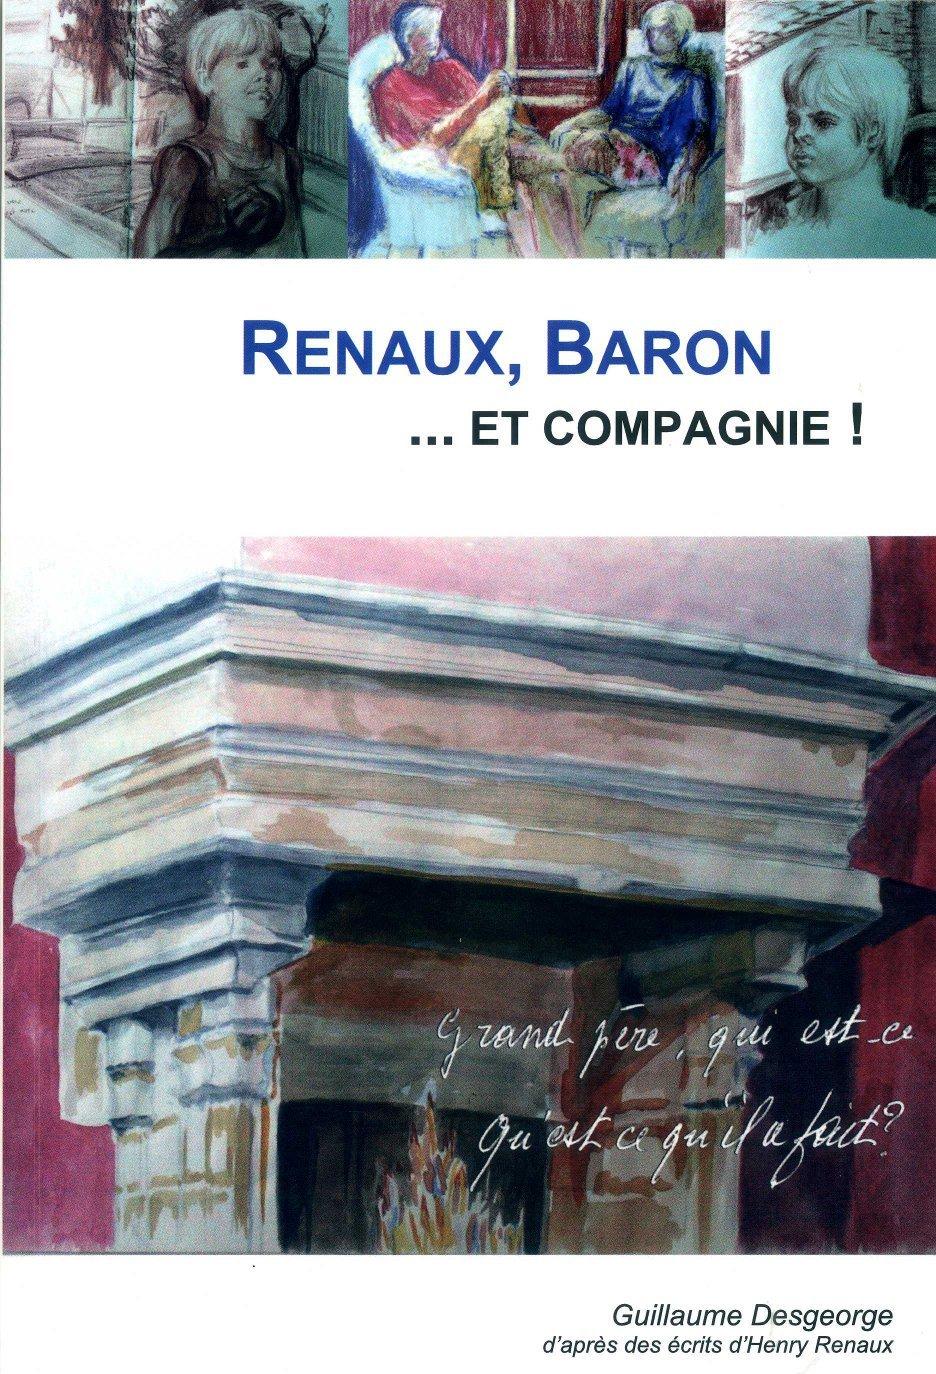 RENAUX, BARON... ET COMPAGNIE